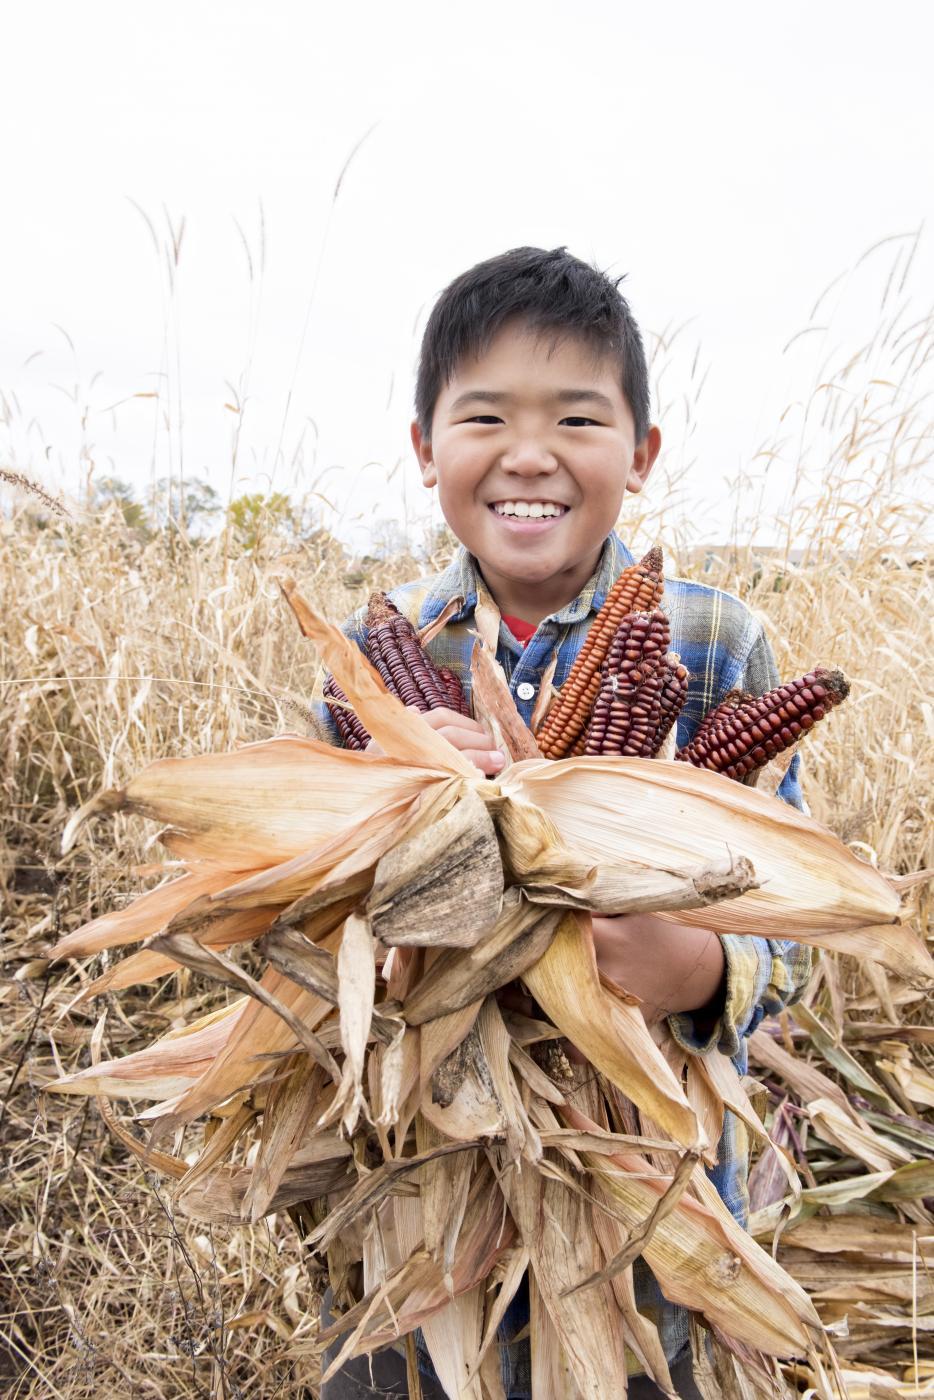 Boy holding corn in a field